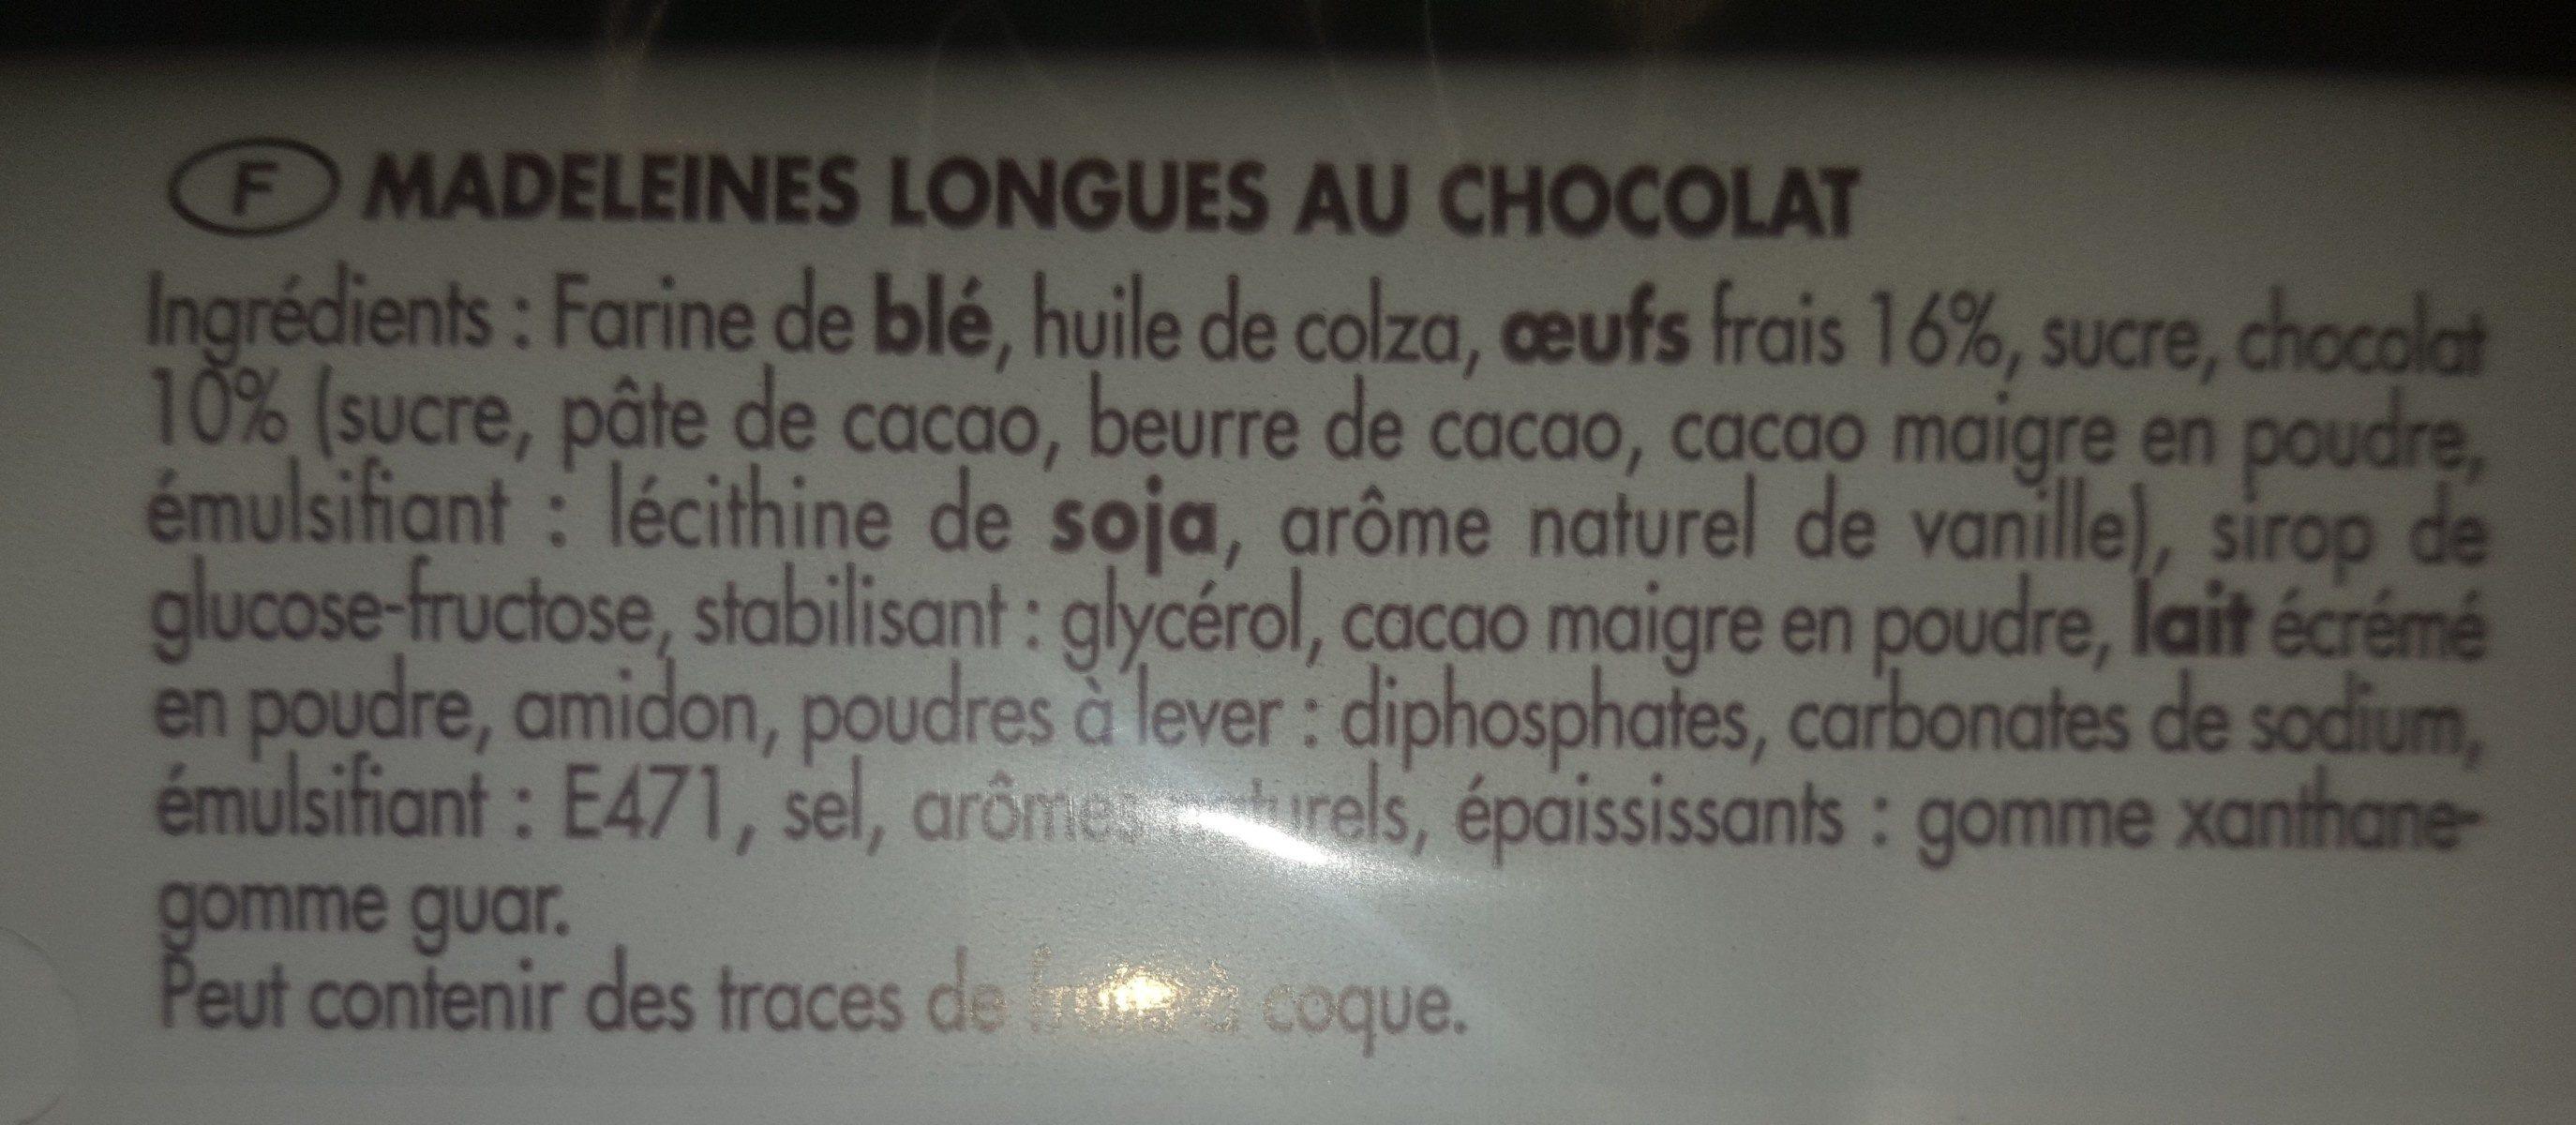 Madeleine longue tout chocolat - Ingredients